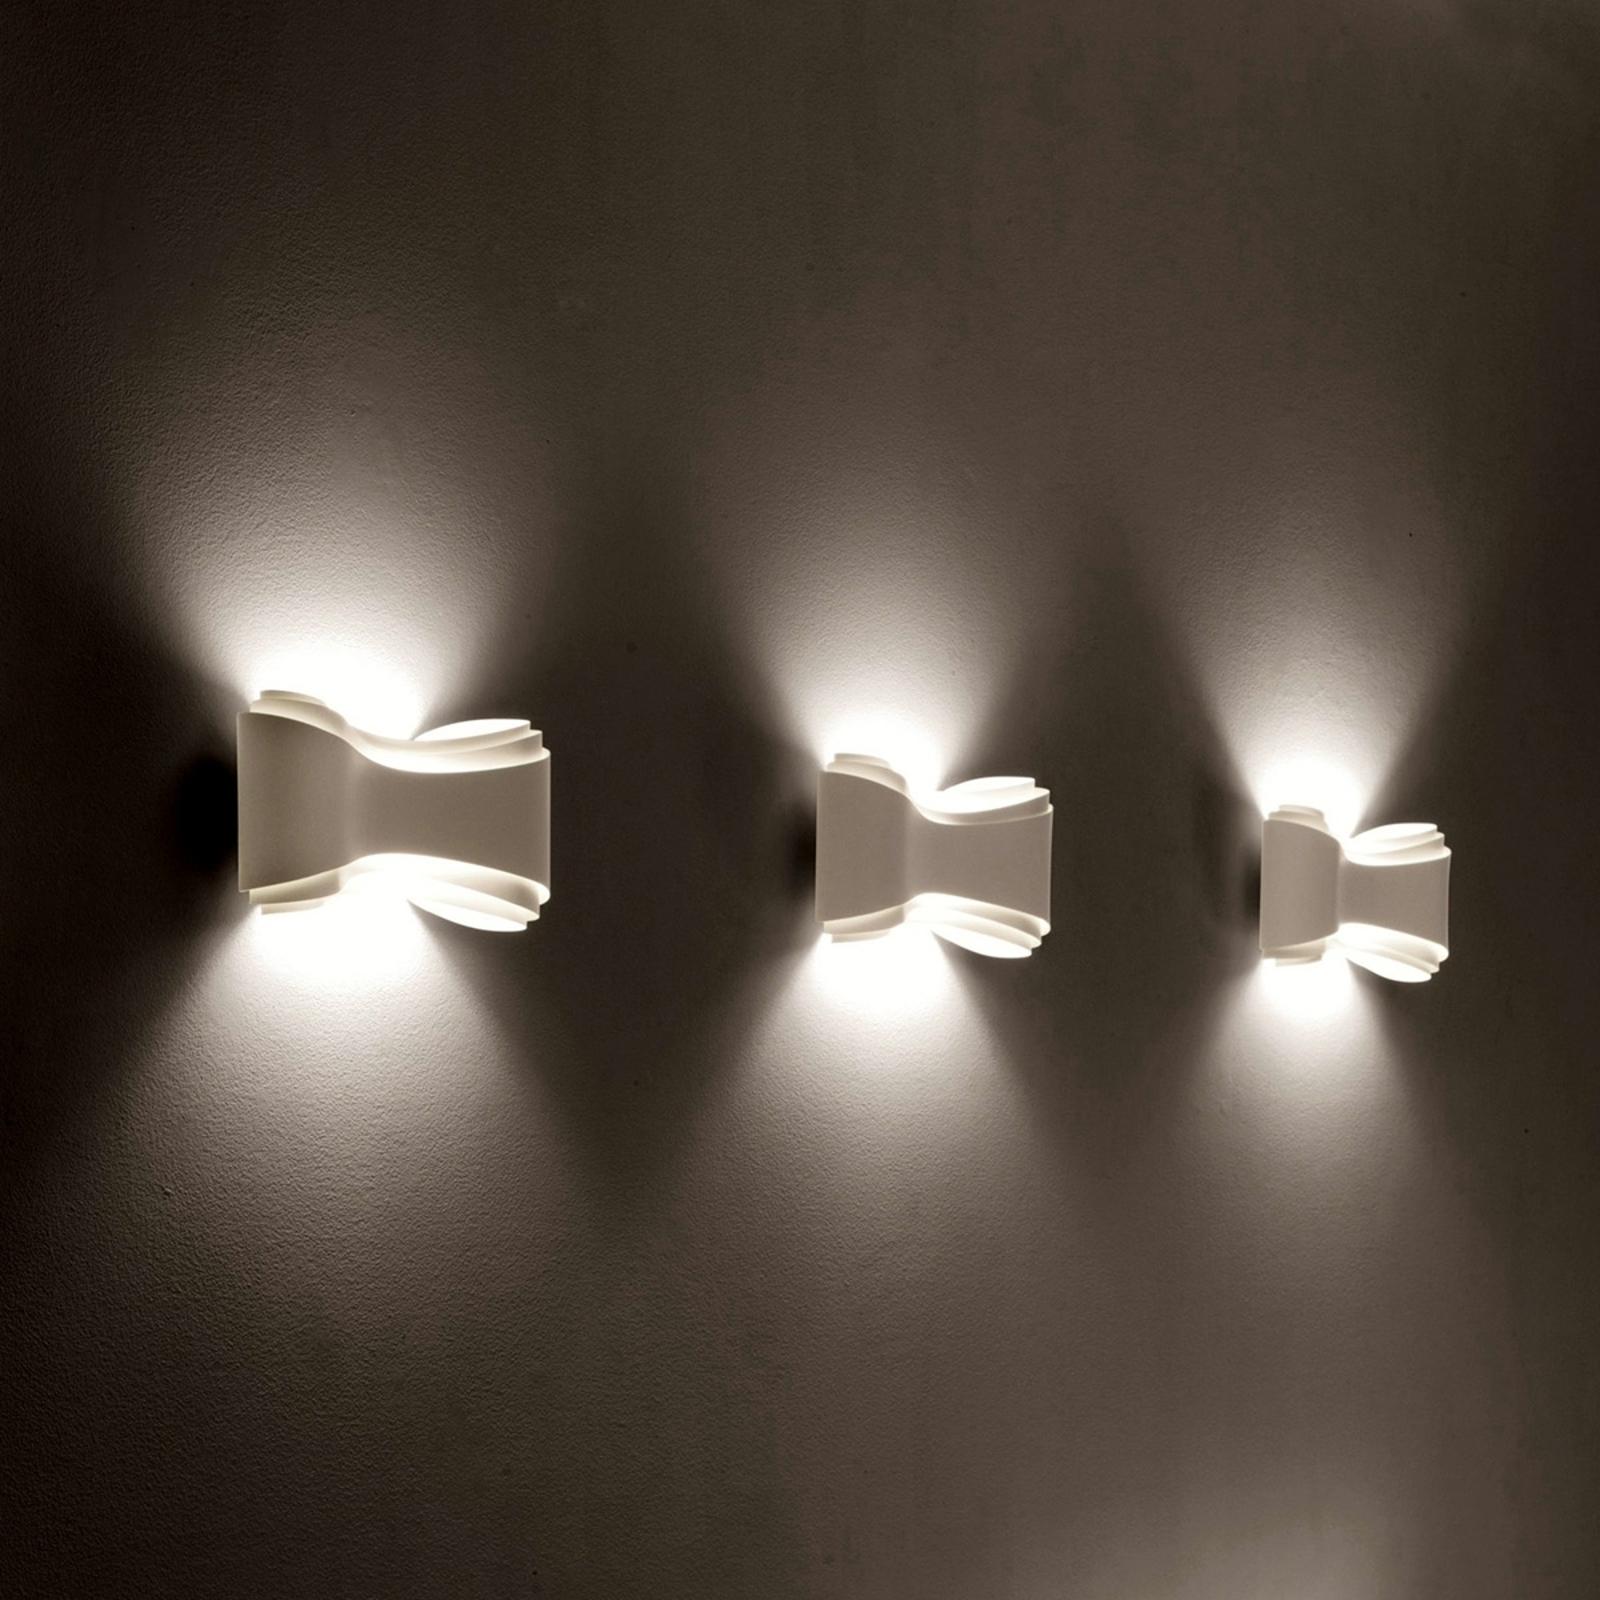 Valkoinen Ionica-design-seinävalaisin